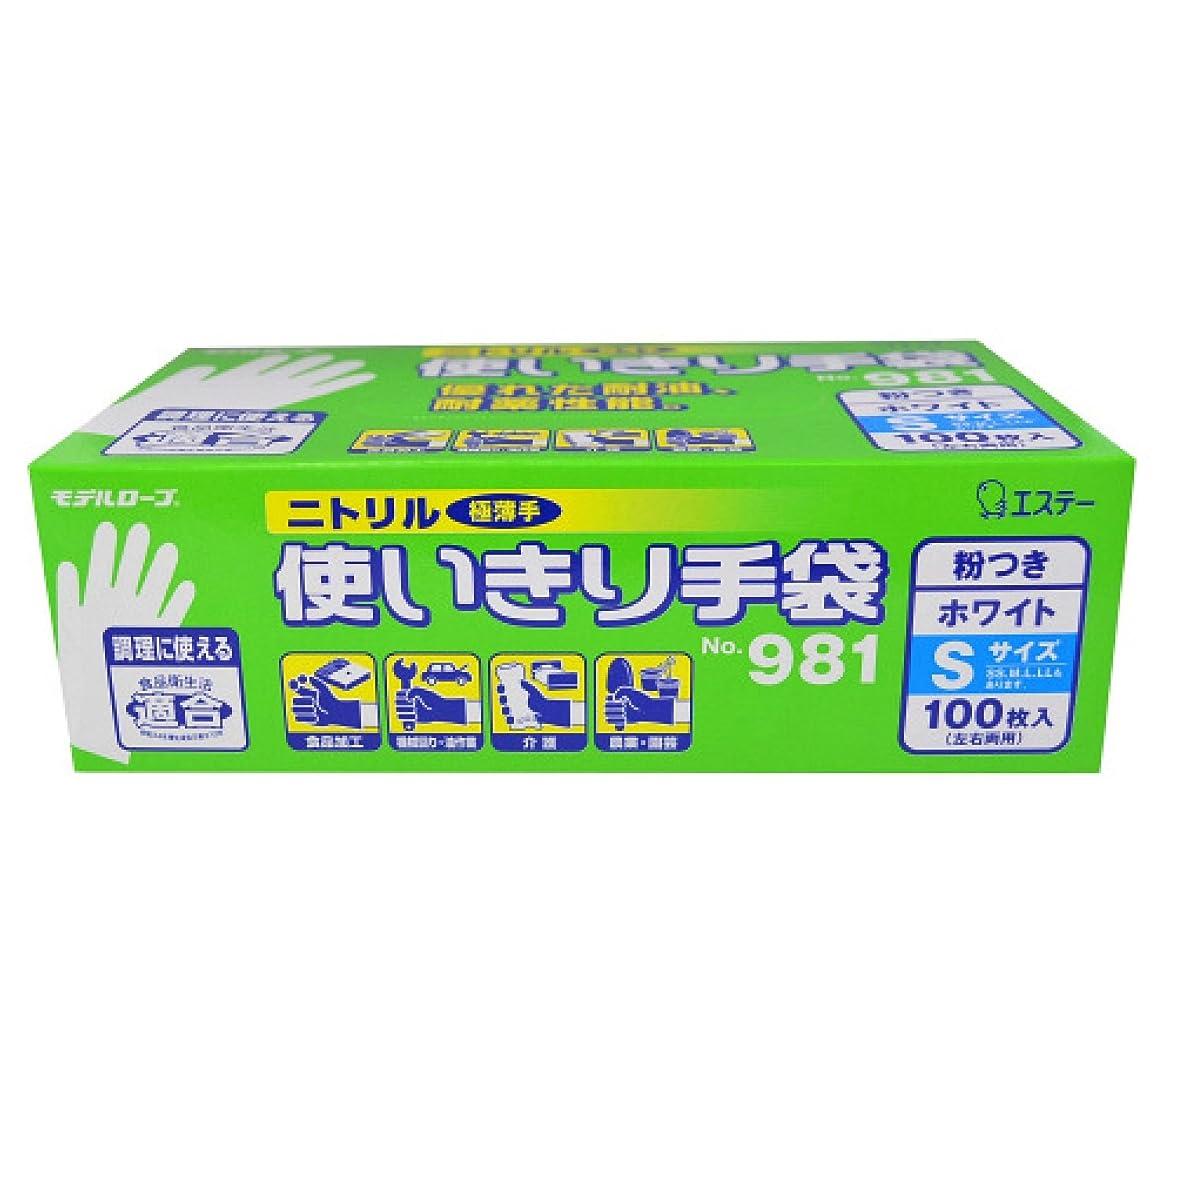 ペダル曲がったピアニストエステー/ニトリル使いきり手袋 箱入 (粉つき) [100枚入]/品番:981 サイズ:LL カラー:ブルー